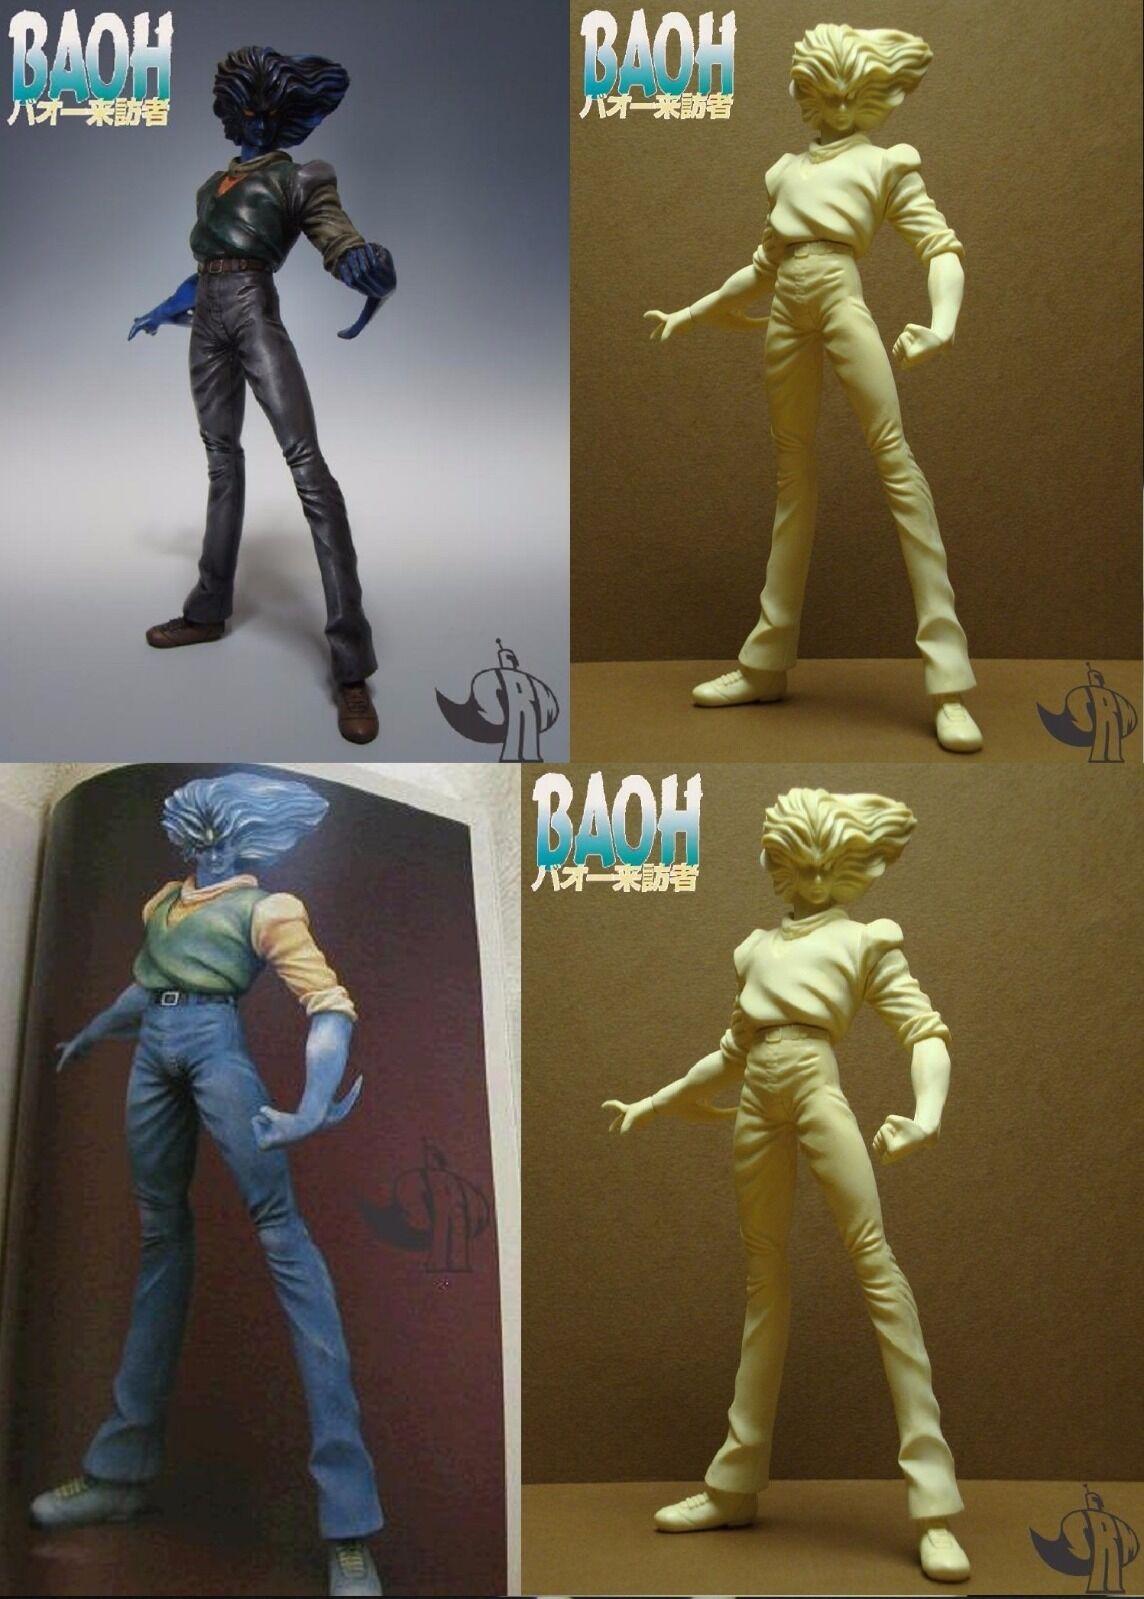 Anime model kit - Baoh バオー来訪者 resin kit 1/8 by WF 1988